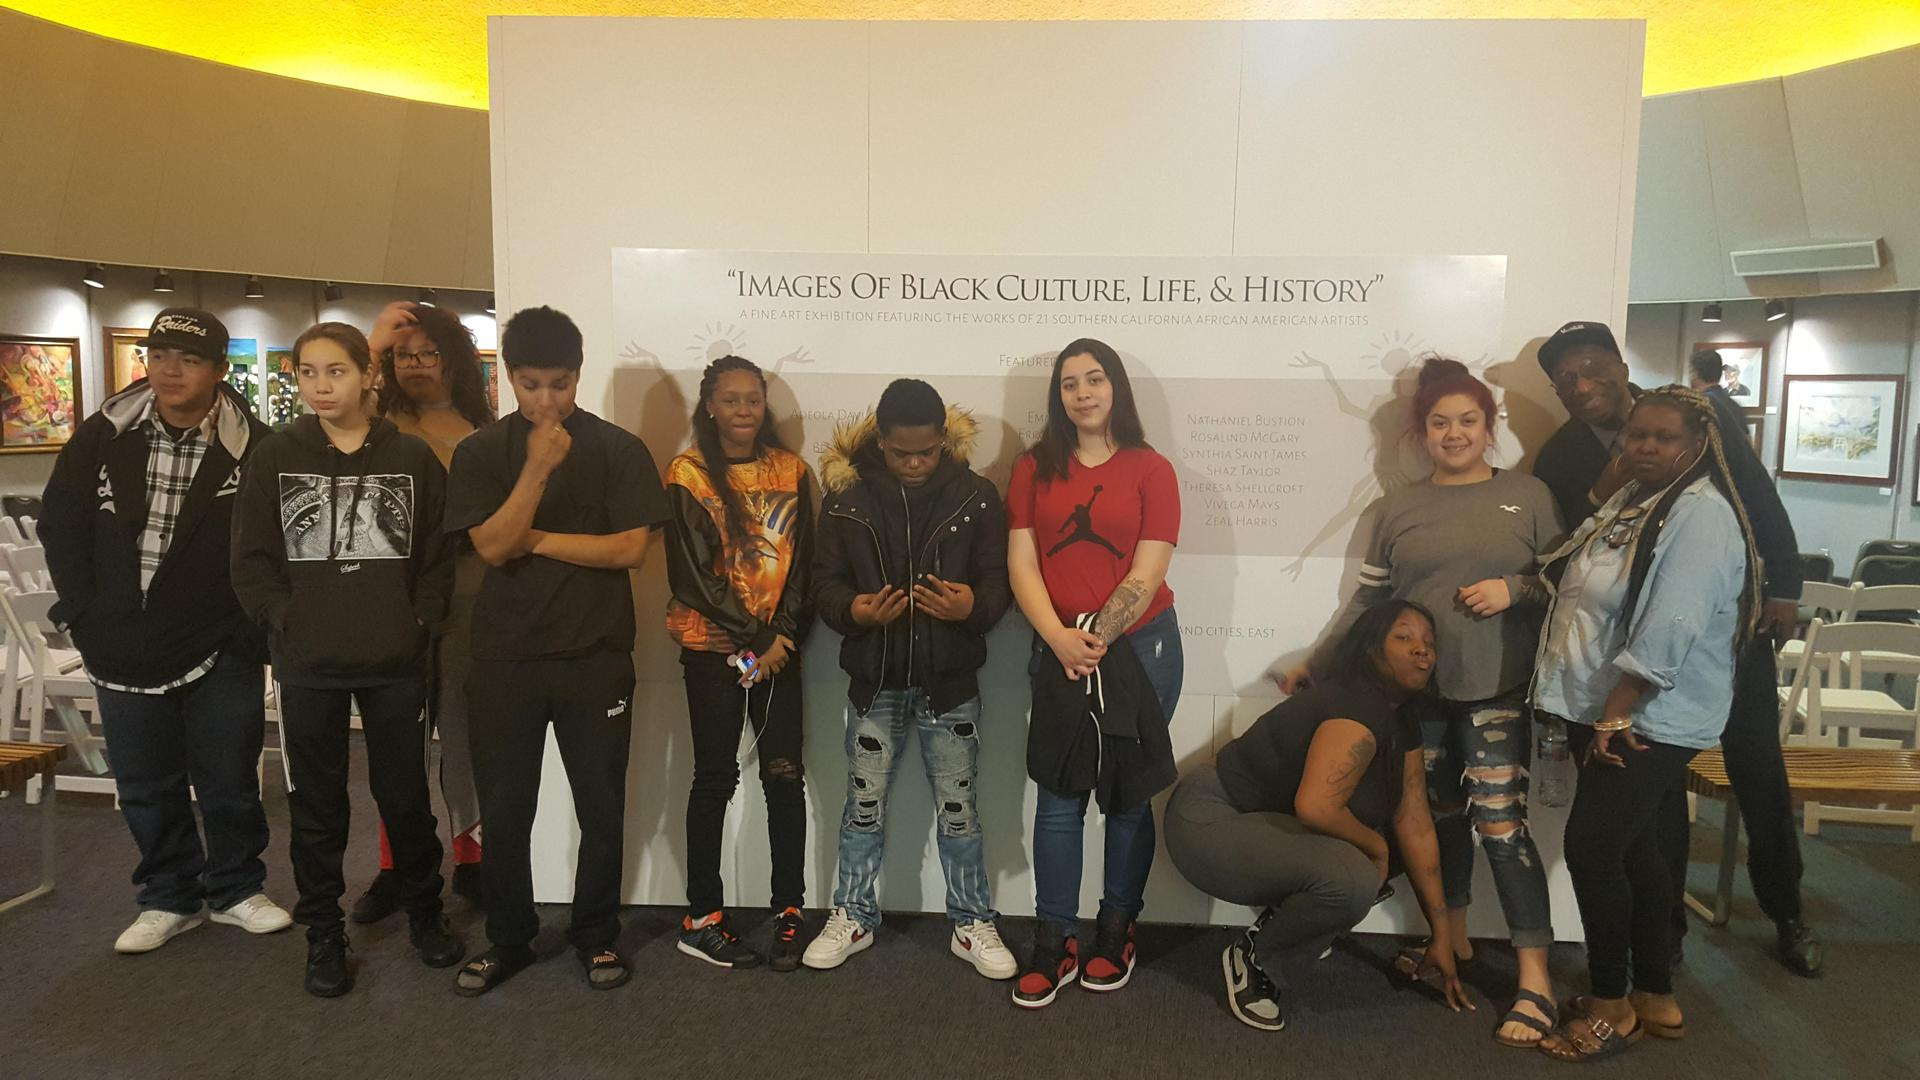 San Bernardino students pose at a museum